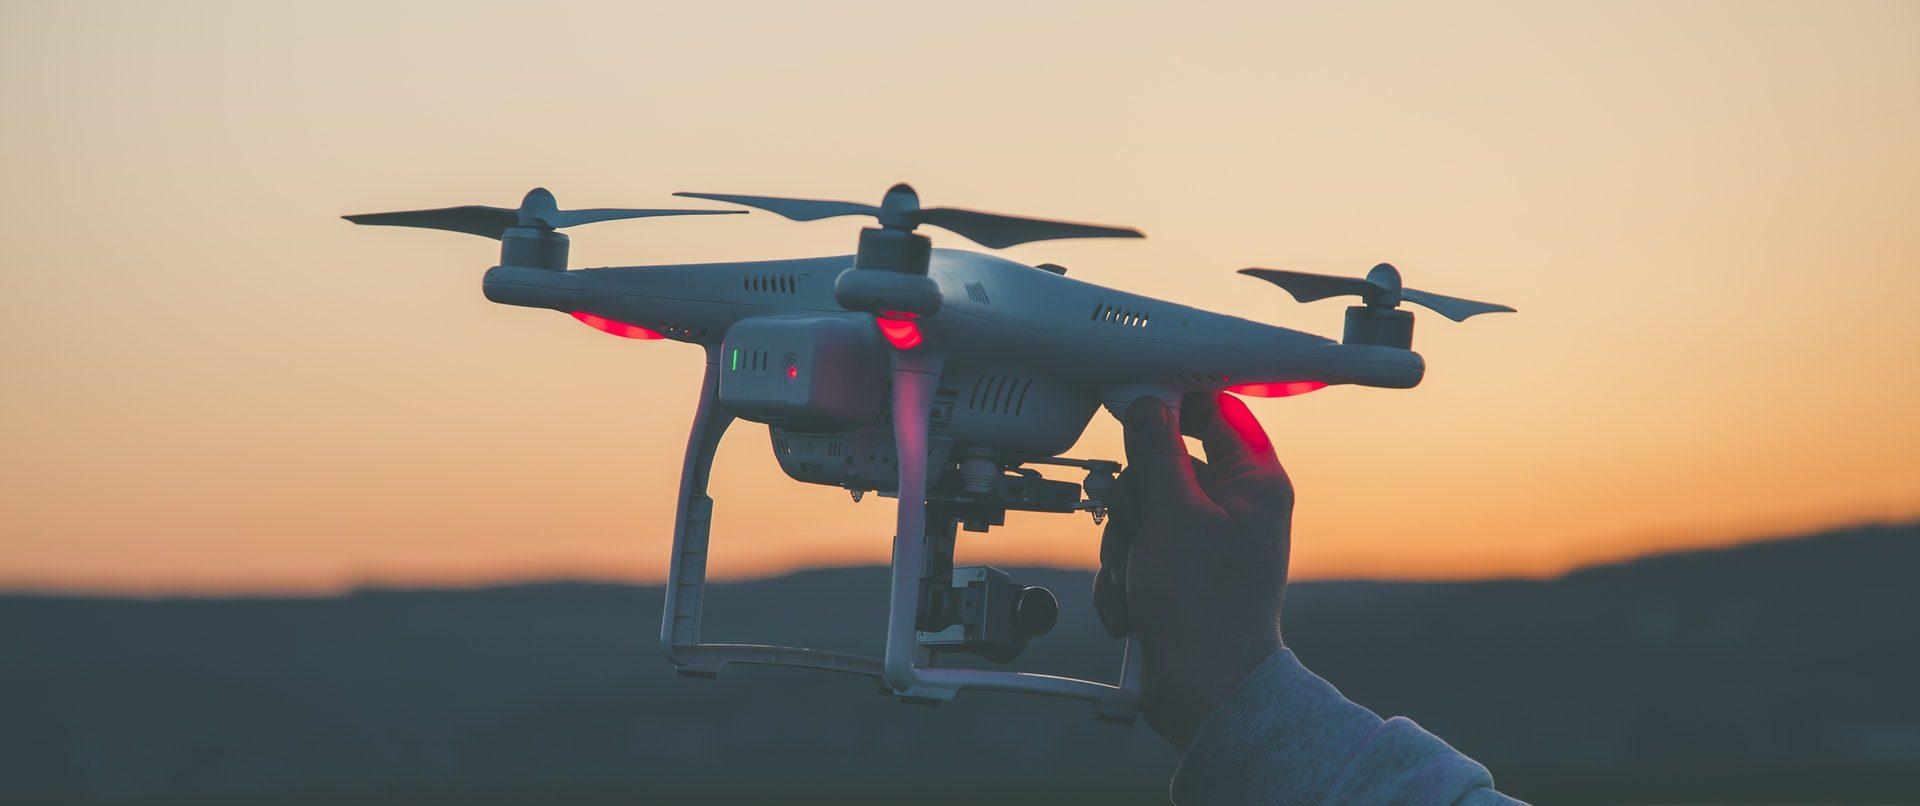 Regras da ANAC para pilotar drone